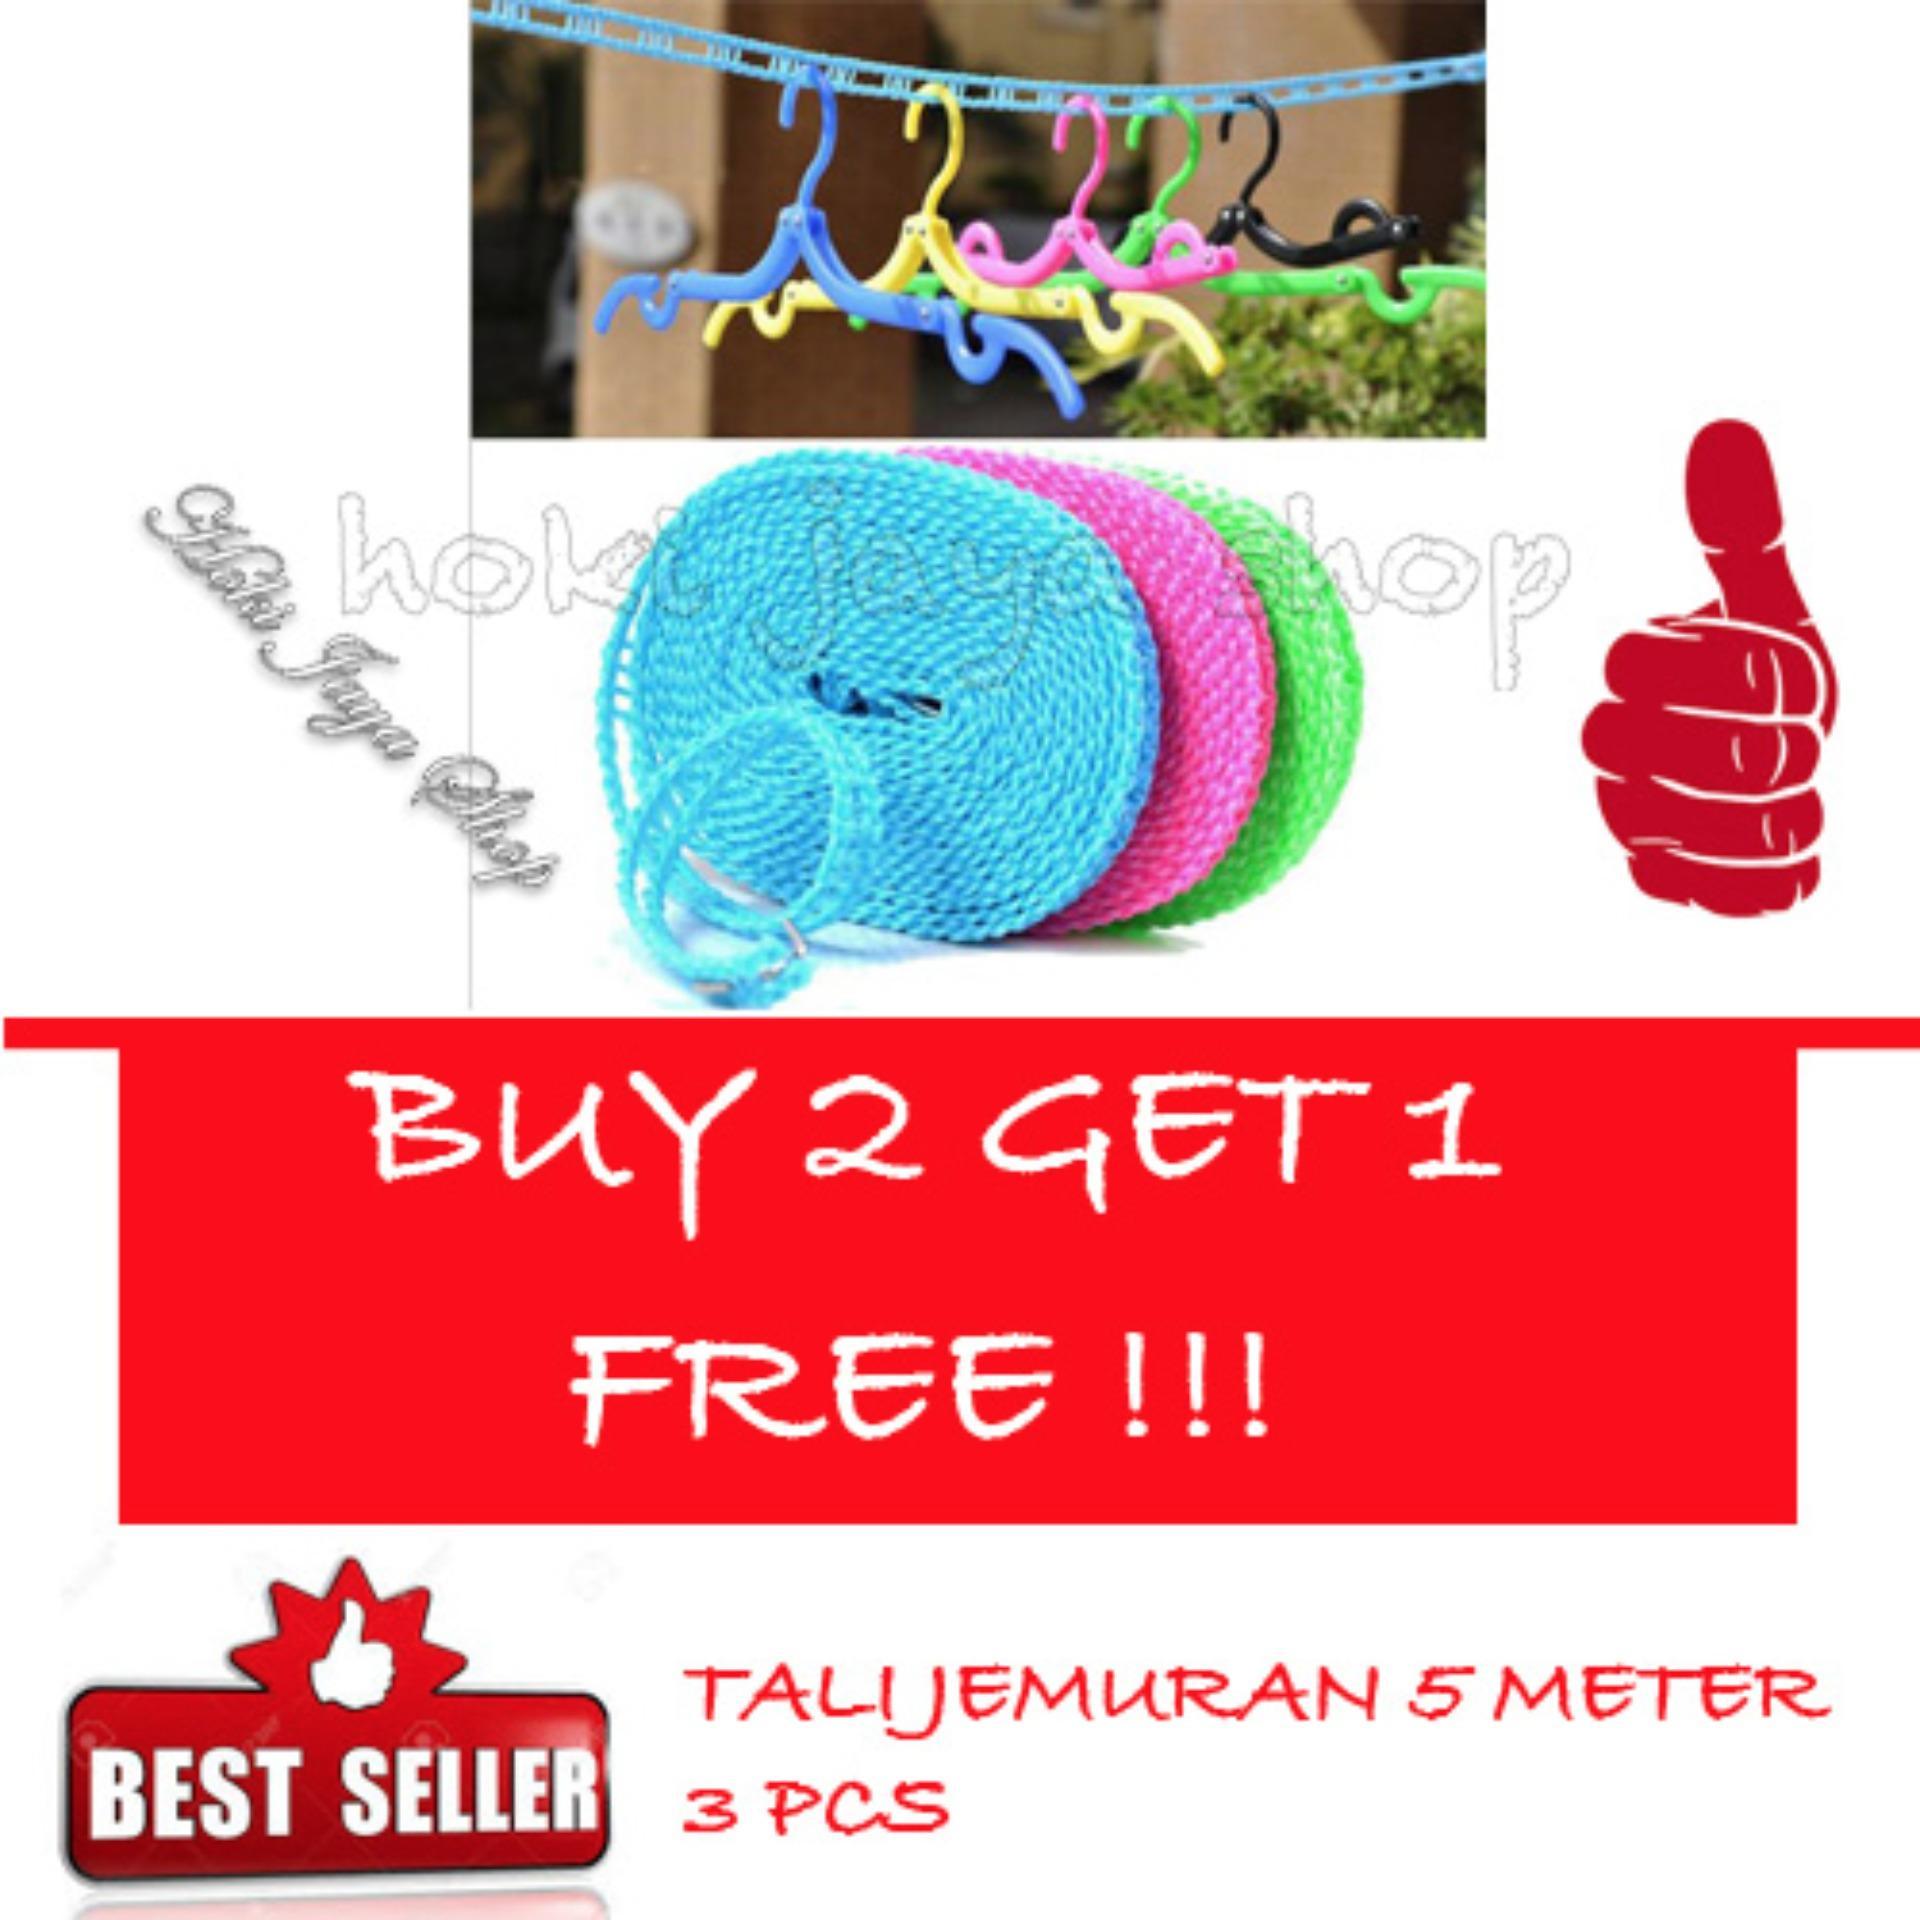 ... 23.888, Update. [BELI 1 GRATIS 1] Best Tali Jemuran 5 meter Serbaguna / Baju Handuk Hanger - Gantungan Baju- HIJAU ...